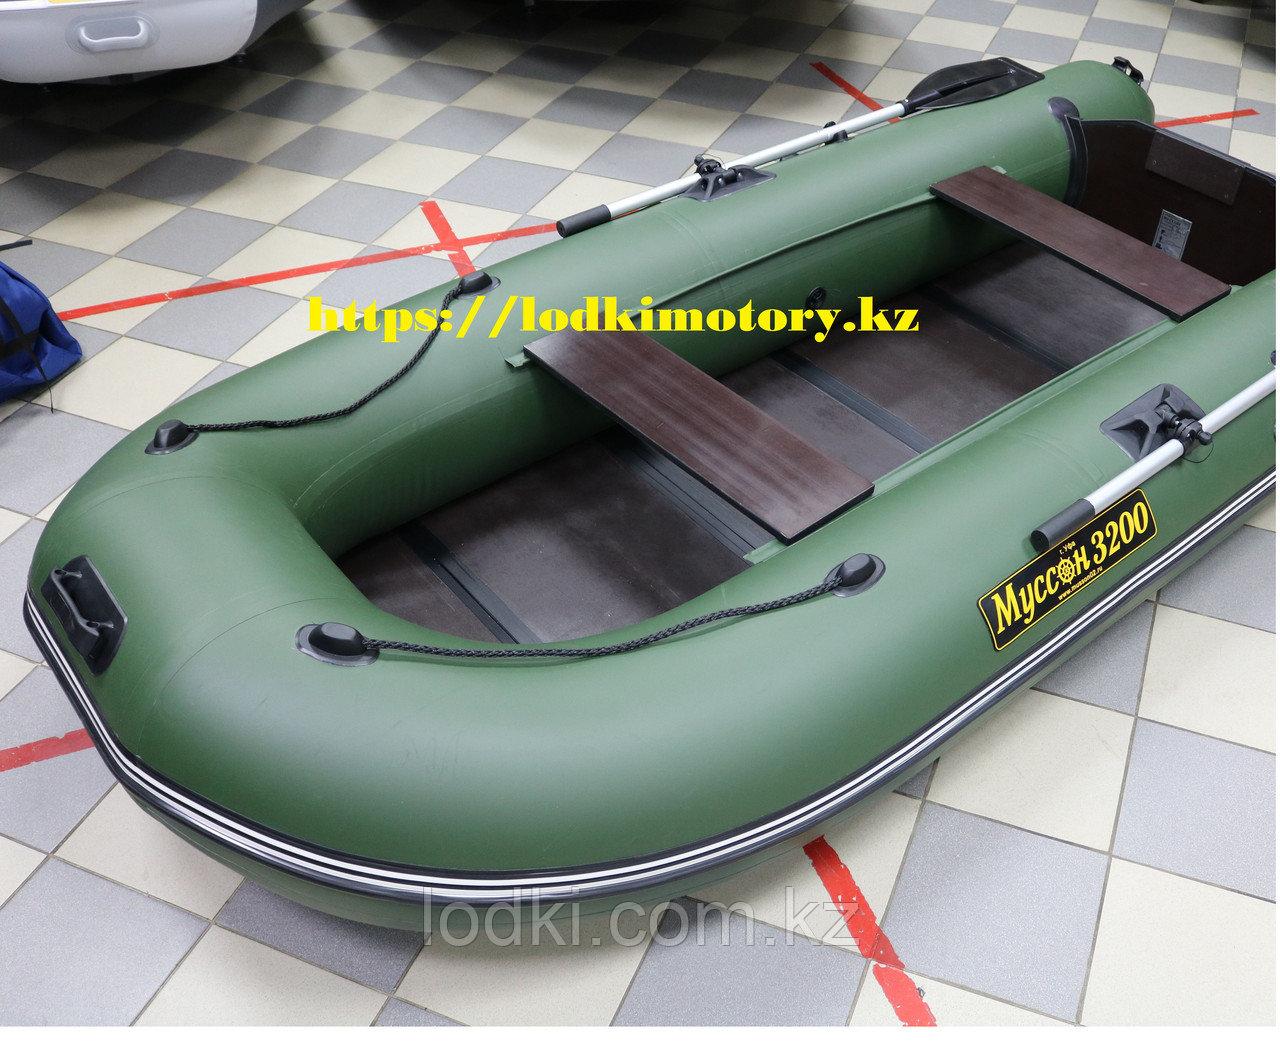 Лодка надувная Лодка Муссон 3200 С (Цвет: Зелёный) - фото 4